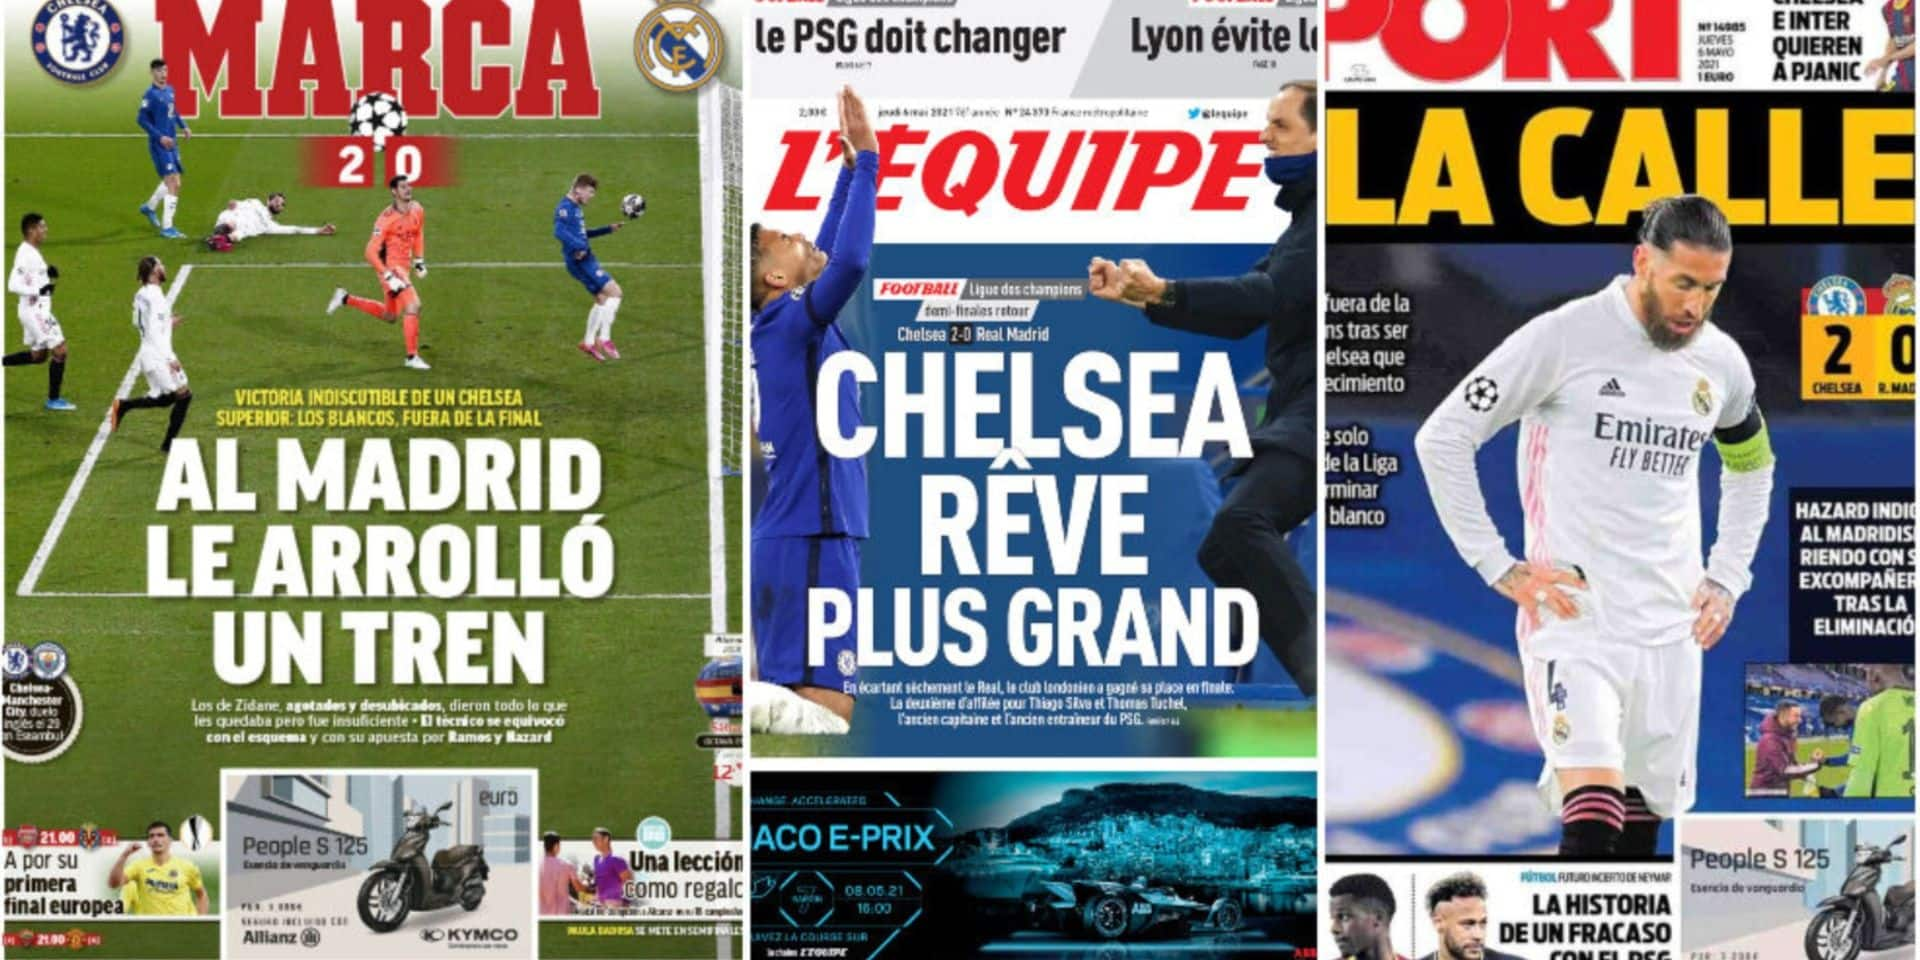 """""""La déception Hazard"""", """"Inadmissible"""", """"Bye bye Eden"""": la presse critique Hazard et félicite Chelsea"""